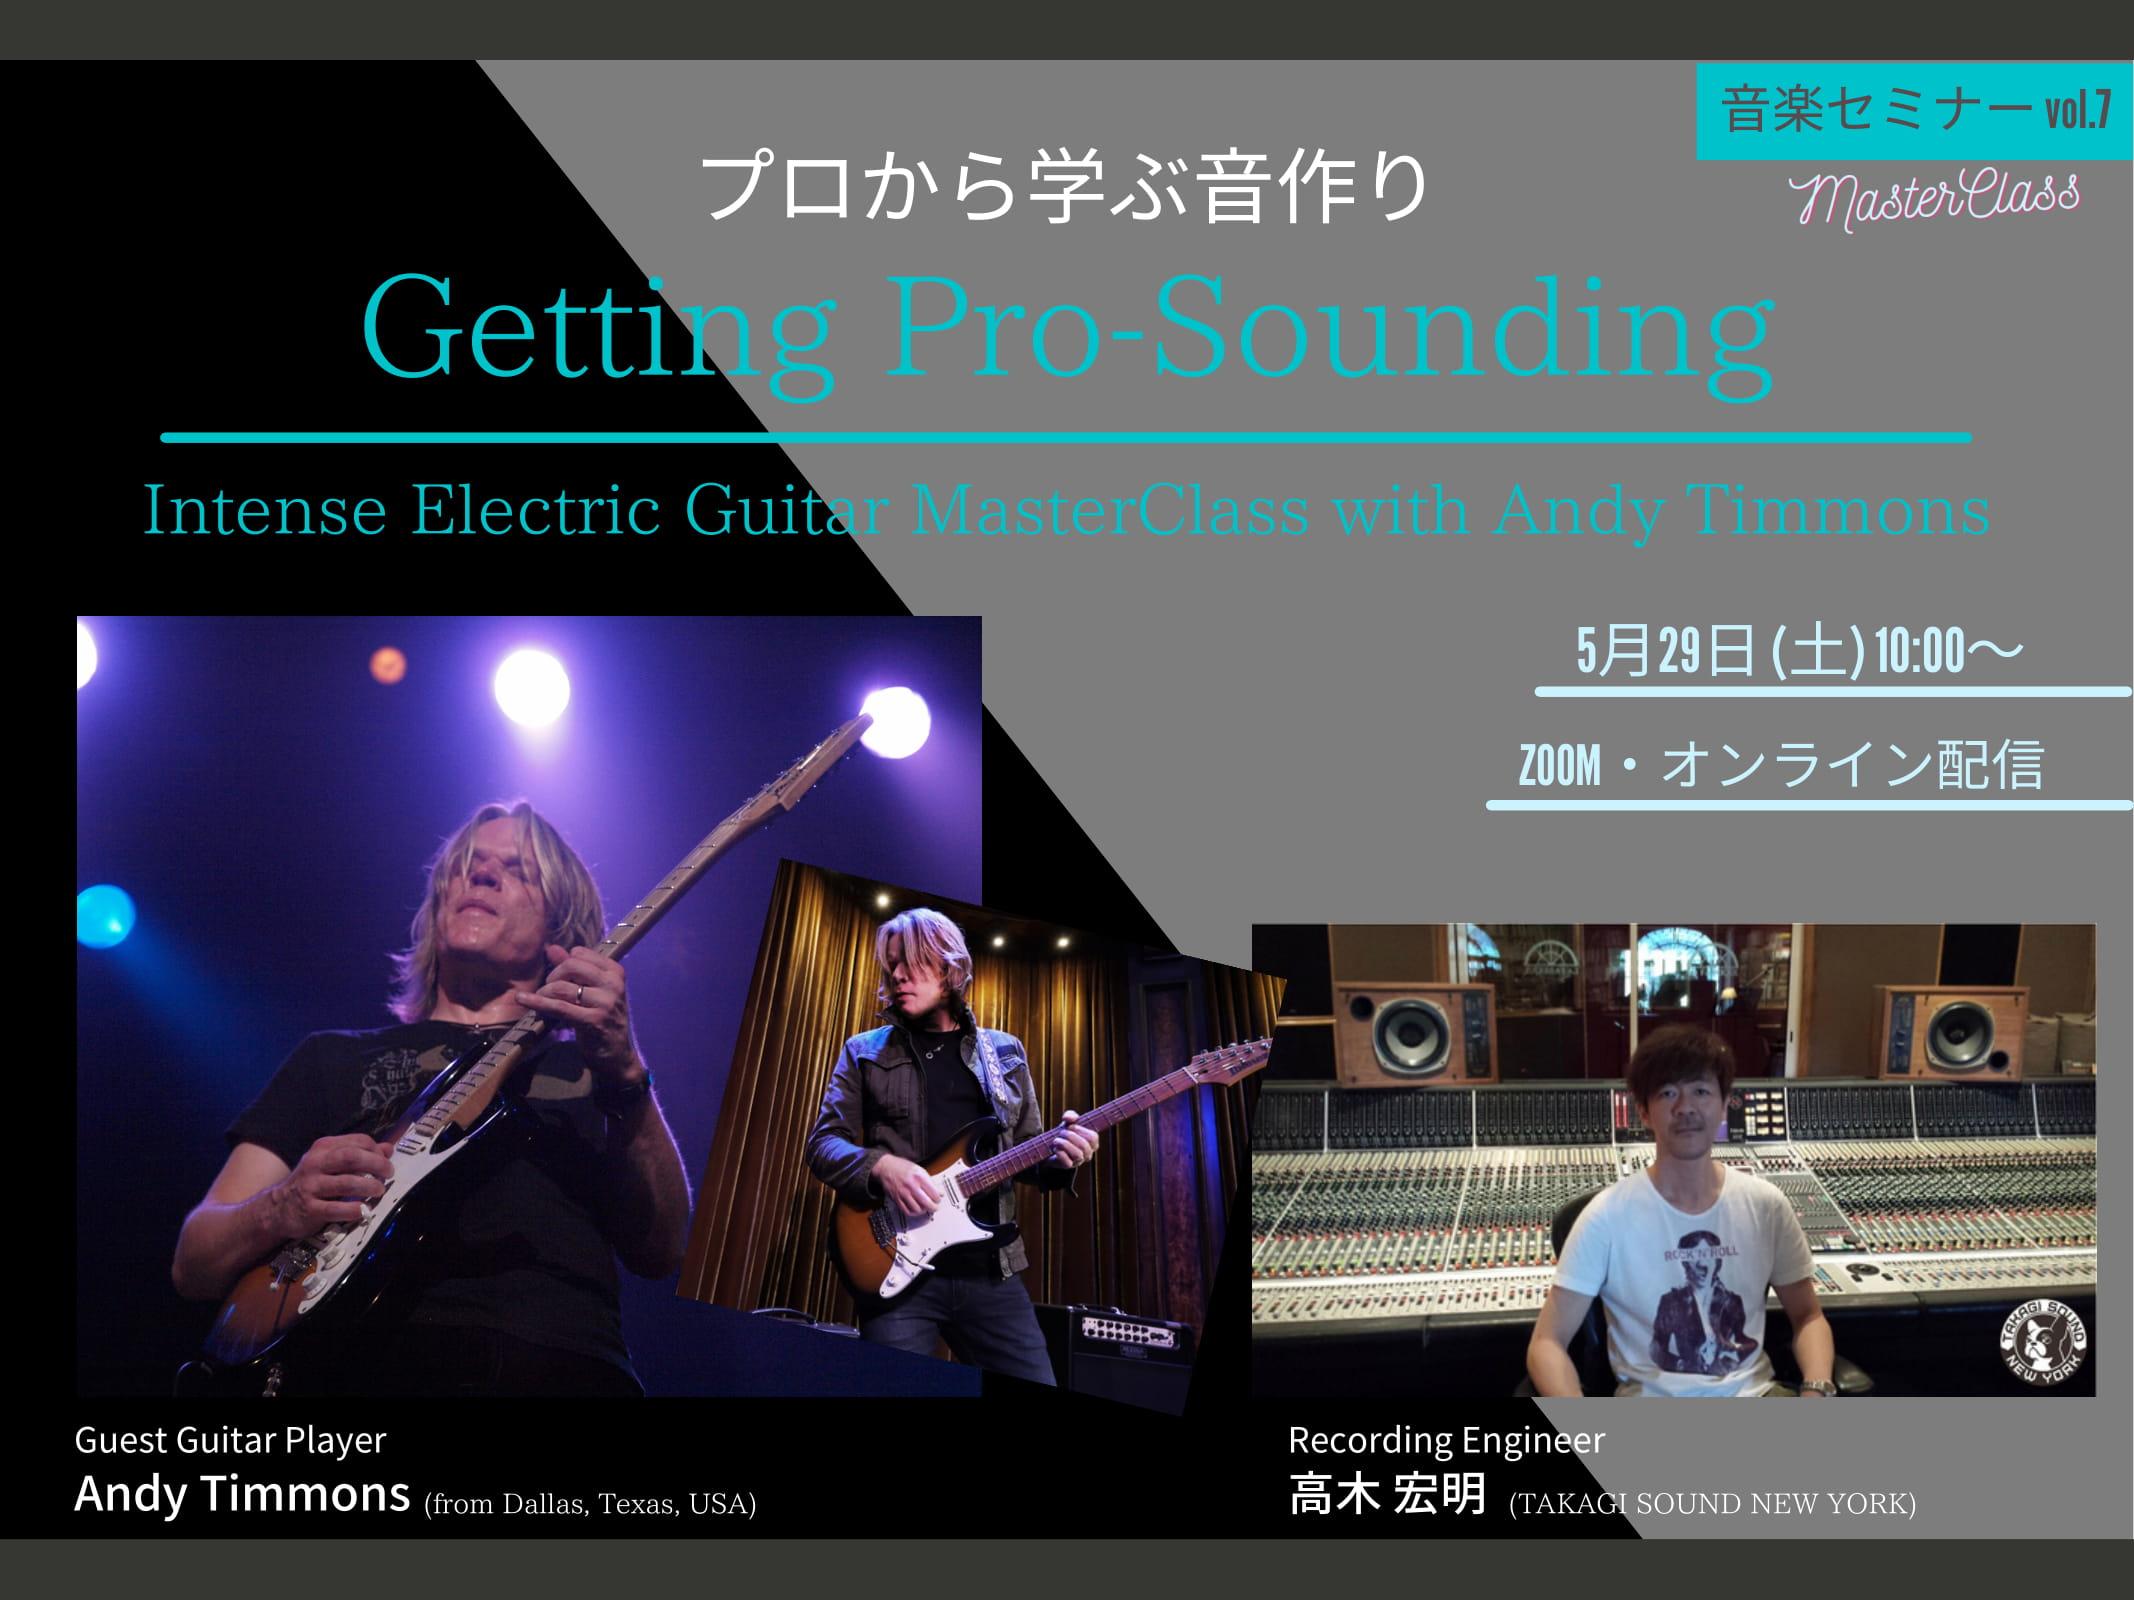 世界のトッププレイヤーから直接学ぶ オンライン音楽セミナーvol.7 Intense Electric-Guitar MasterClass 『プロから学ぶ音作り with Andy Timmons』